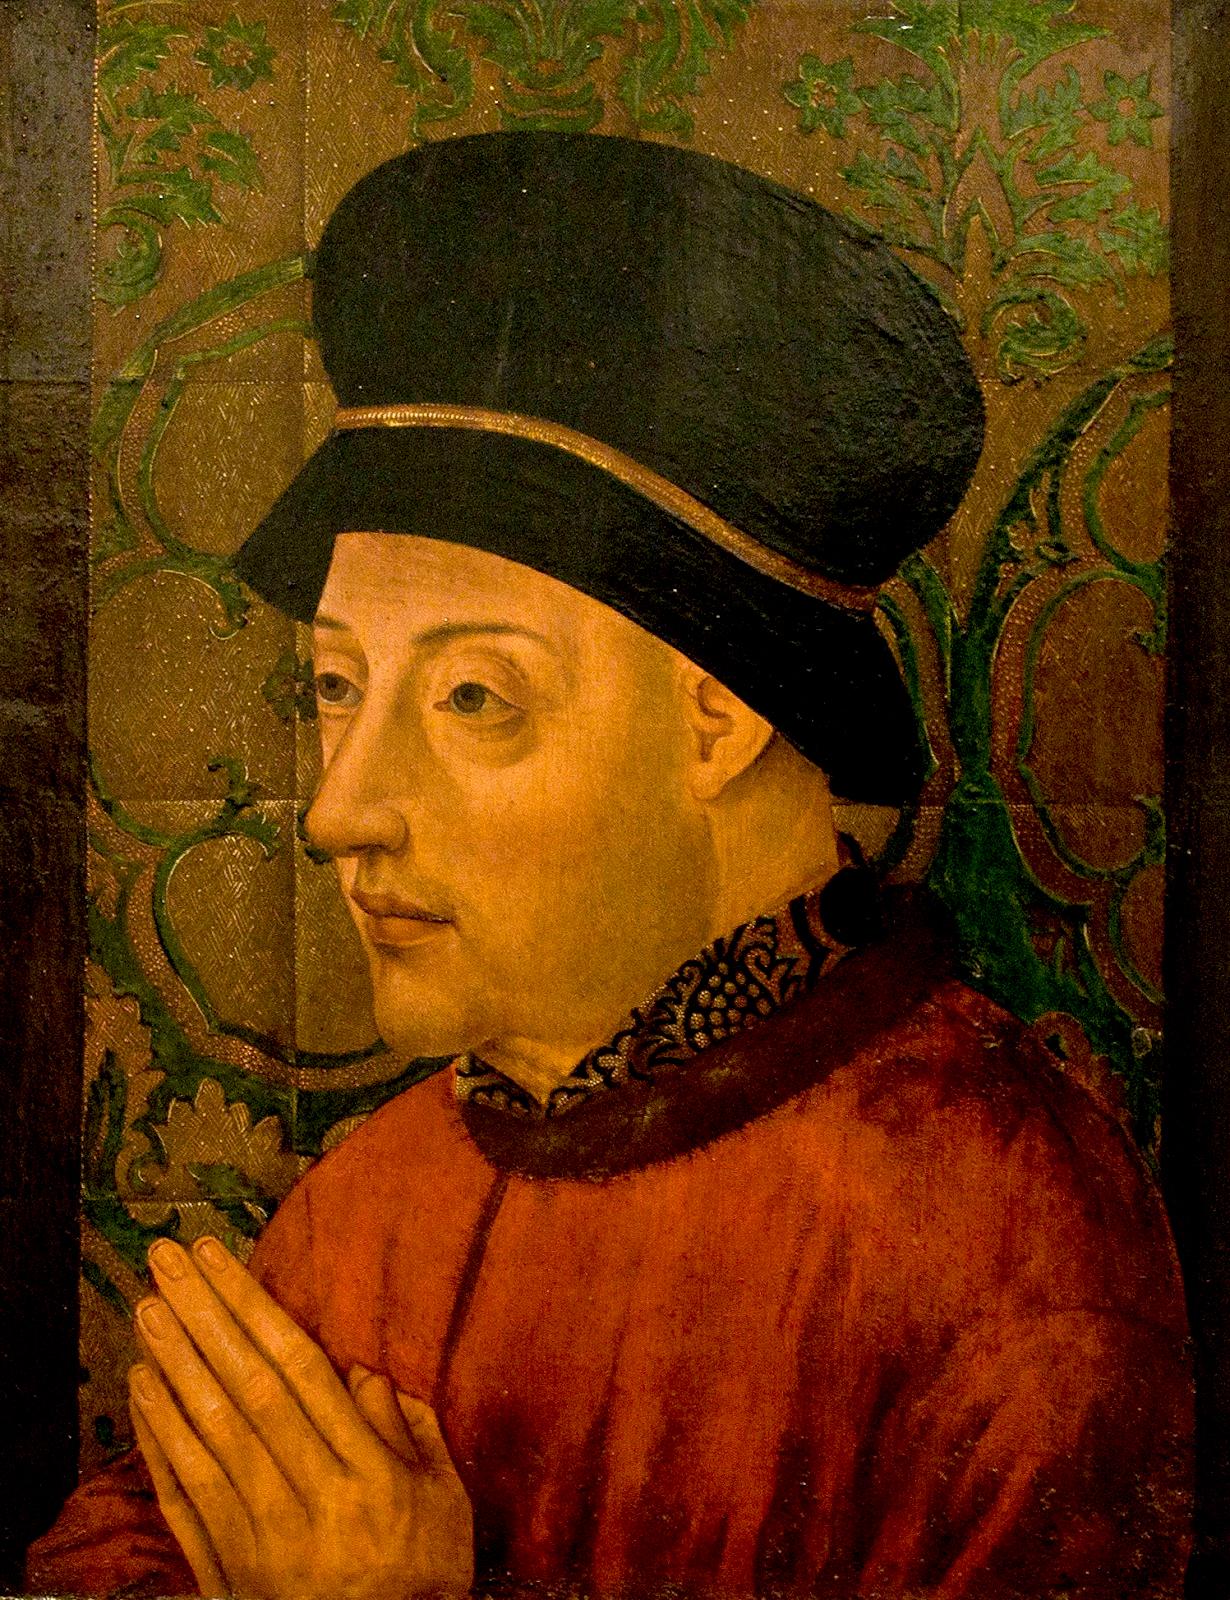 D. João I, rei de Portugal Autor desconhecido Século XV 1434 d.C. - 1450 d.C. Lisboa, Museu Nacional de Arte Antiga